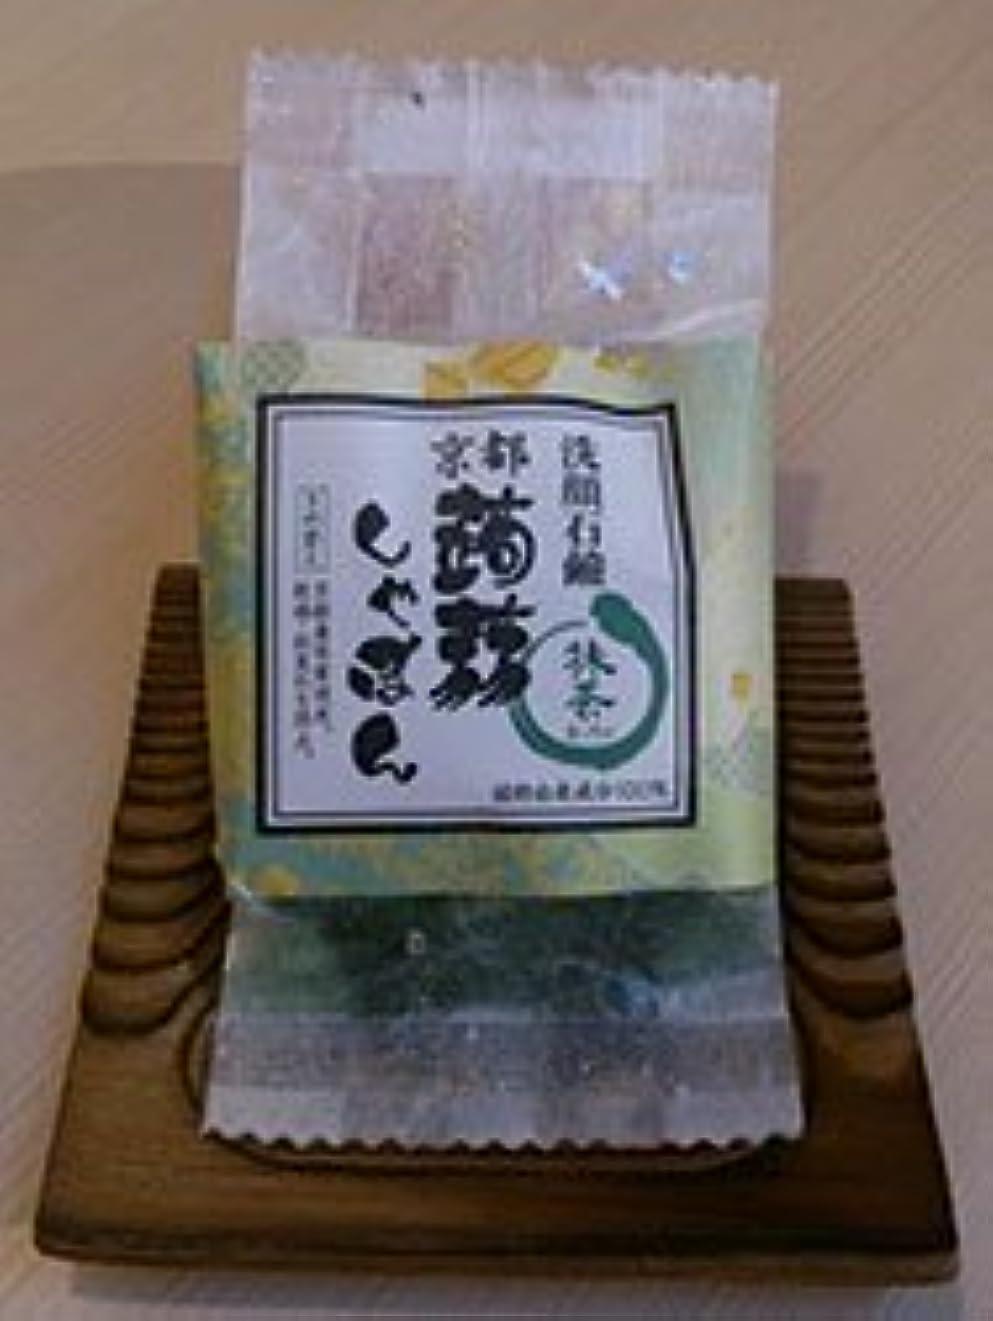 神ののスコアありふれた京都蒟蒻しゃぼん「抹茶 まっちゃ」